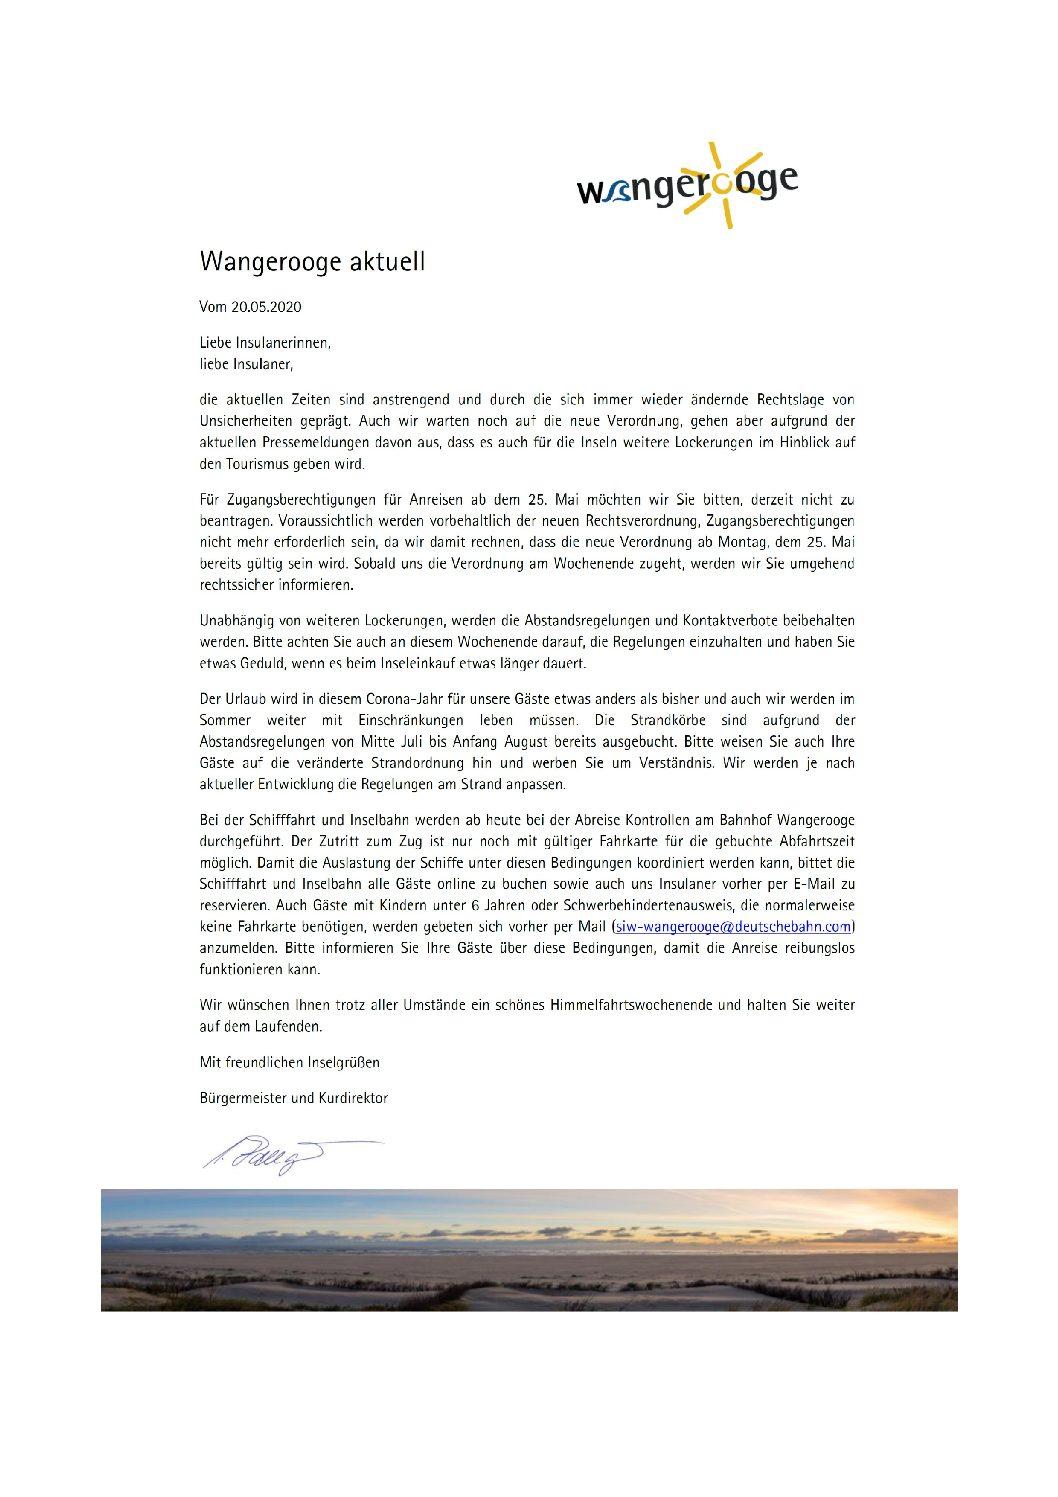 Wangerooge Aktuell der Kurverwaltung vom 20.05.2020